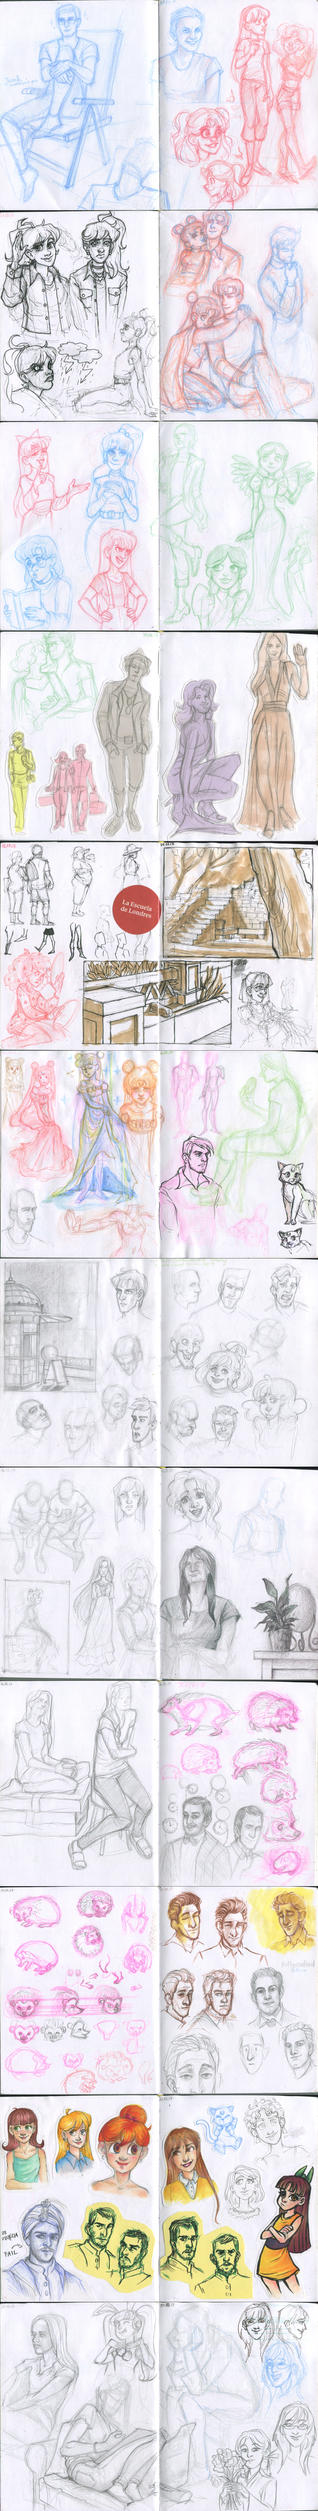 My sketchbook 37 by Annorelka